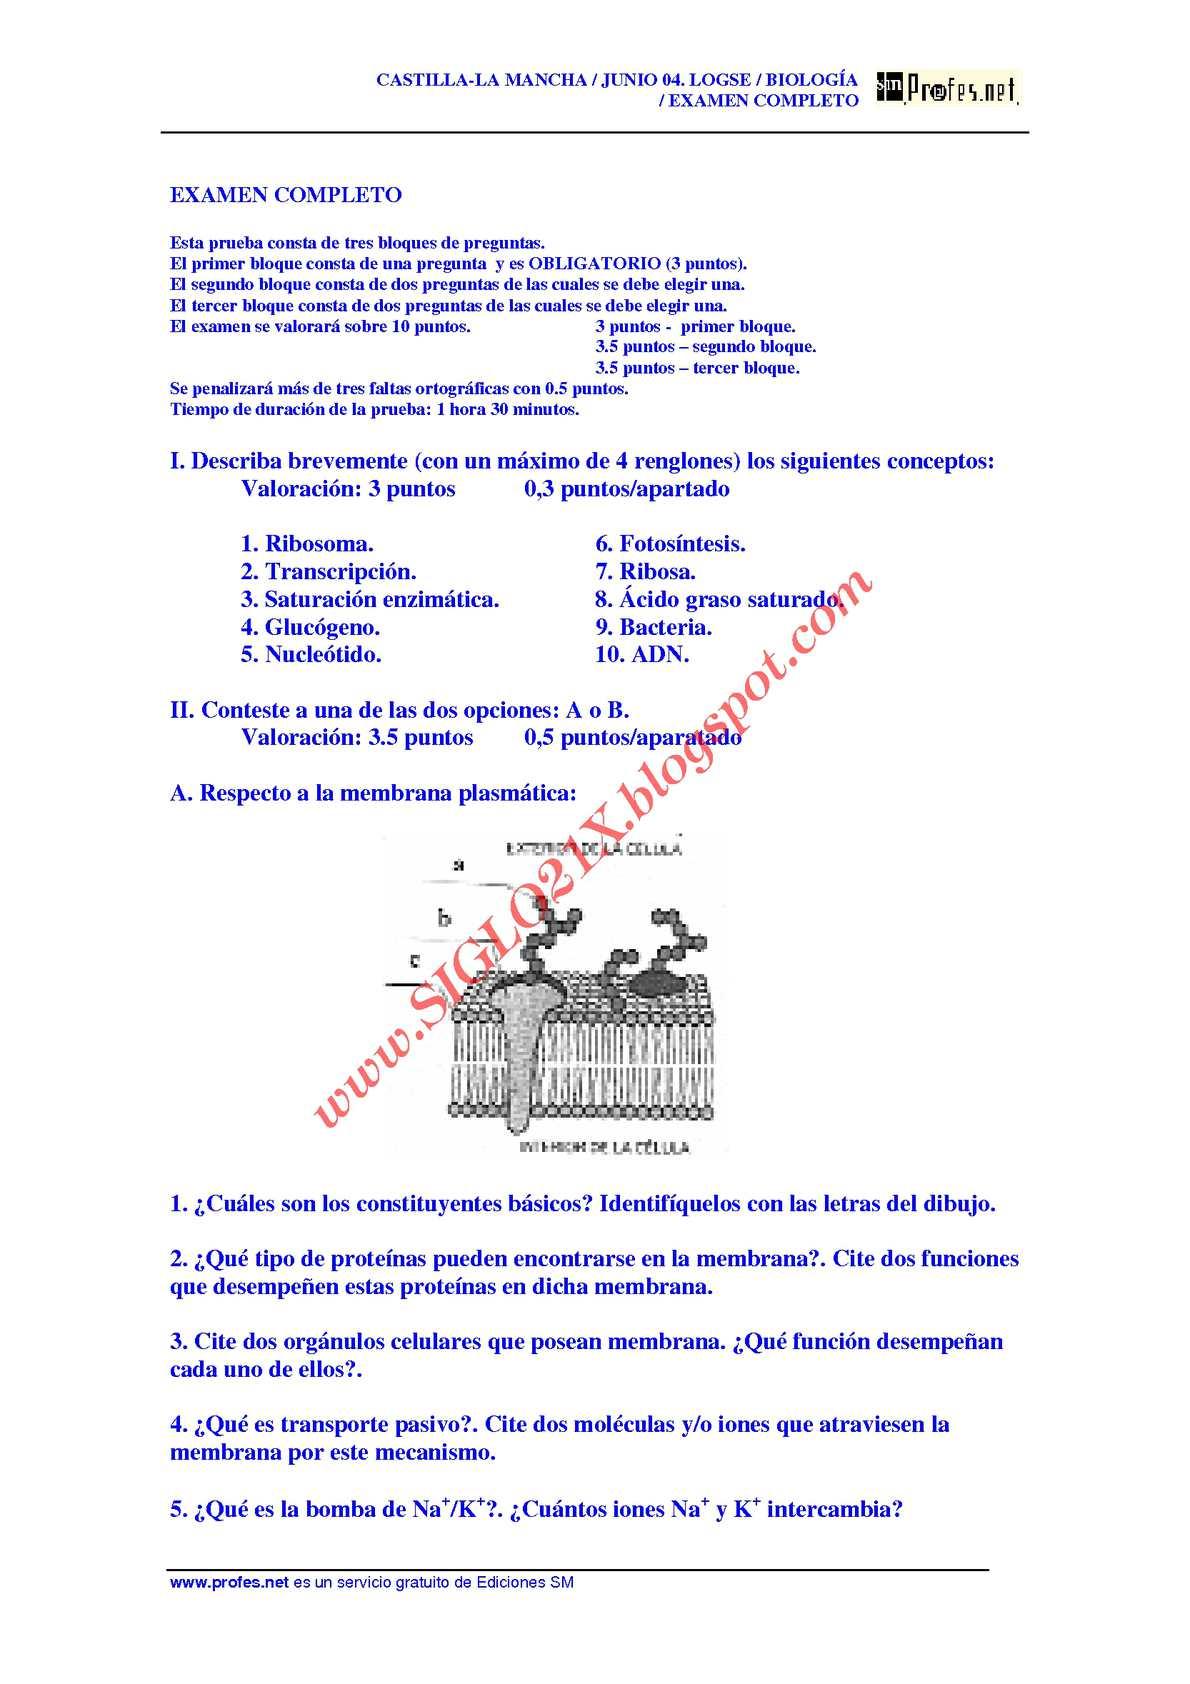 BIOLOGIA-SELECTIVIDAD-EXAMEN 1 RESUELTO- CASTILLA-LA MANCHA-www.SIGLO21X.blogspot.com